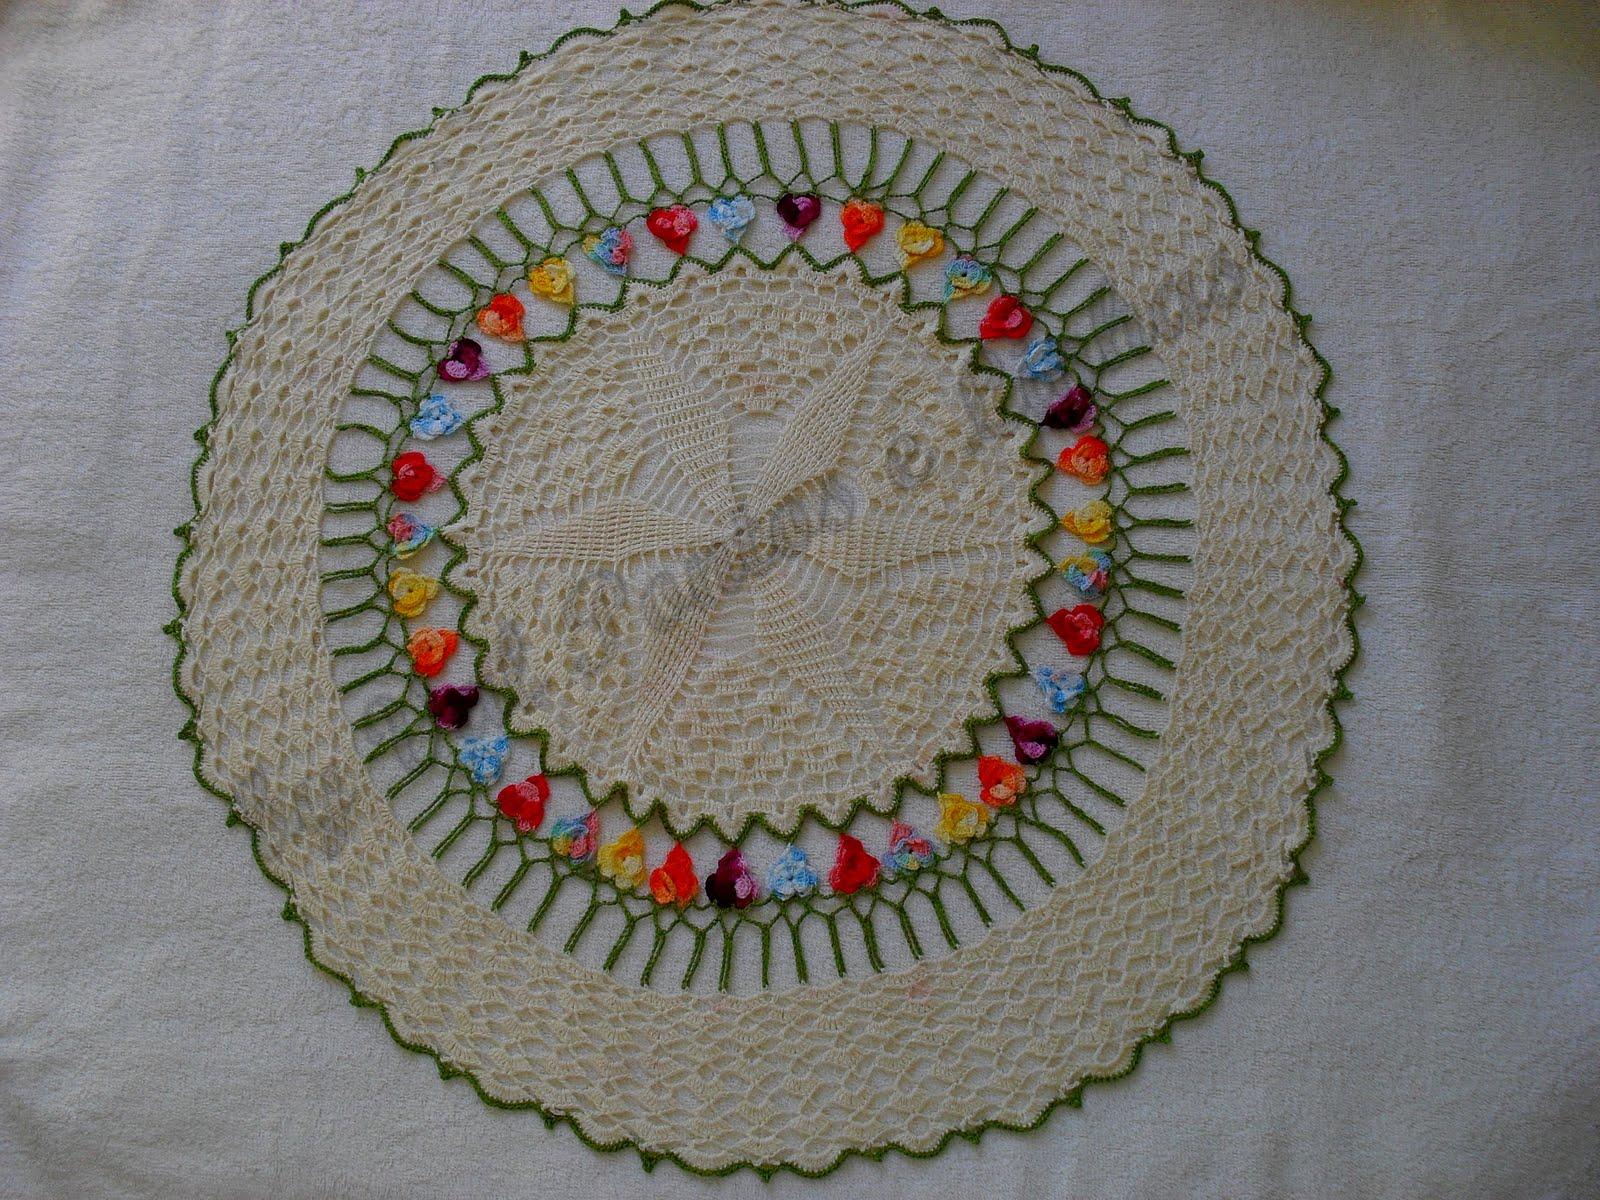 Www Croche : Pontos e Linhas: Toalha de Croche com flores coloridas